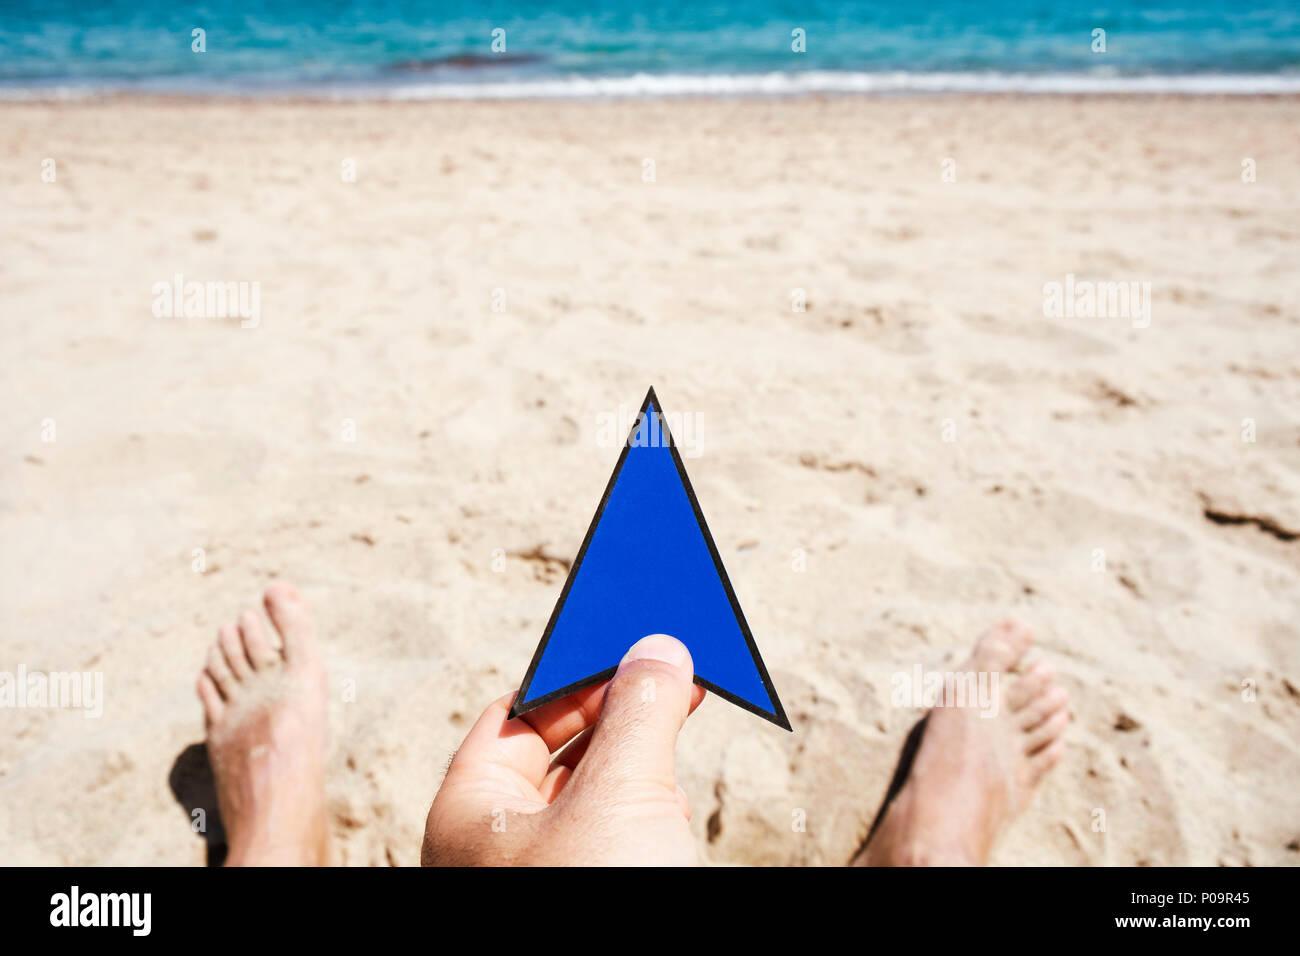 Primer plano de un joven hombre caucásico con una flecha azul señal en su mano, relajándose en la playa, con el mar de fondo Imagen De Stock